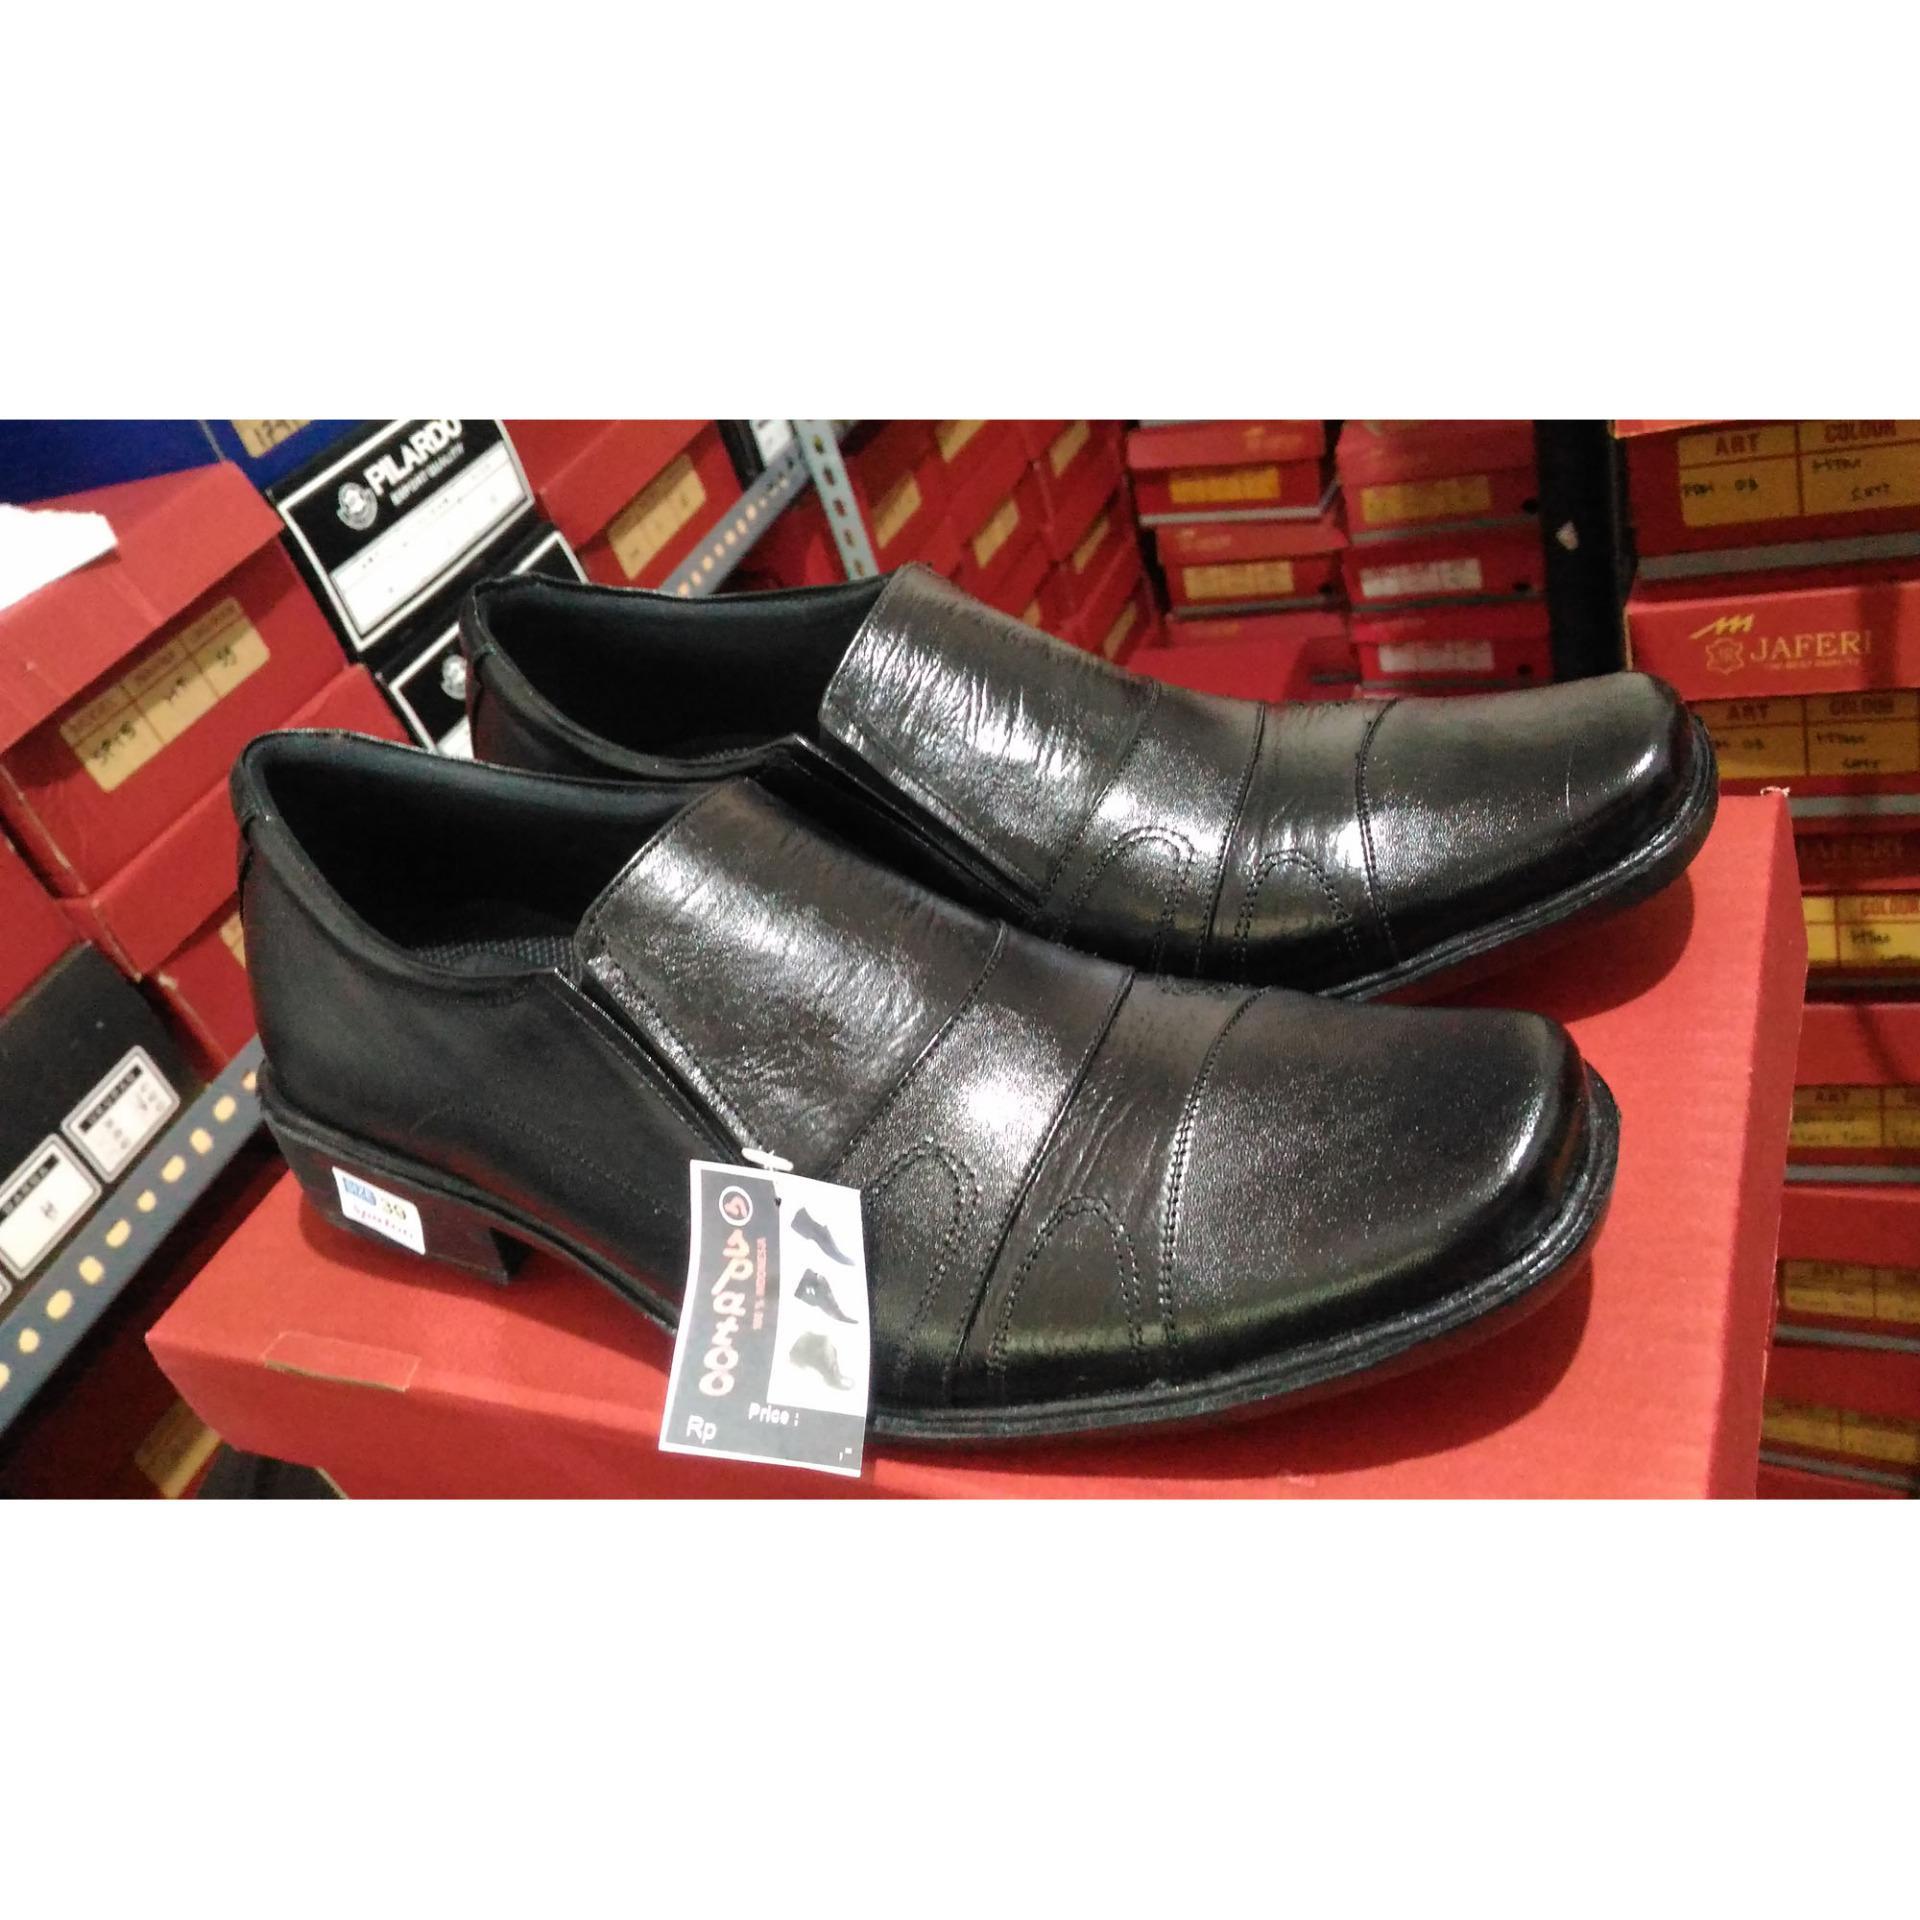 Jual spatoo sepatu kulit murah garansi dan berkualitas  81b432999d